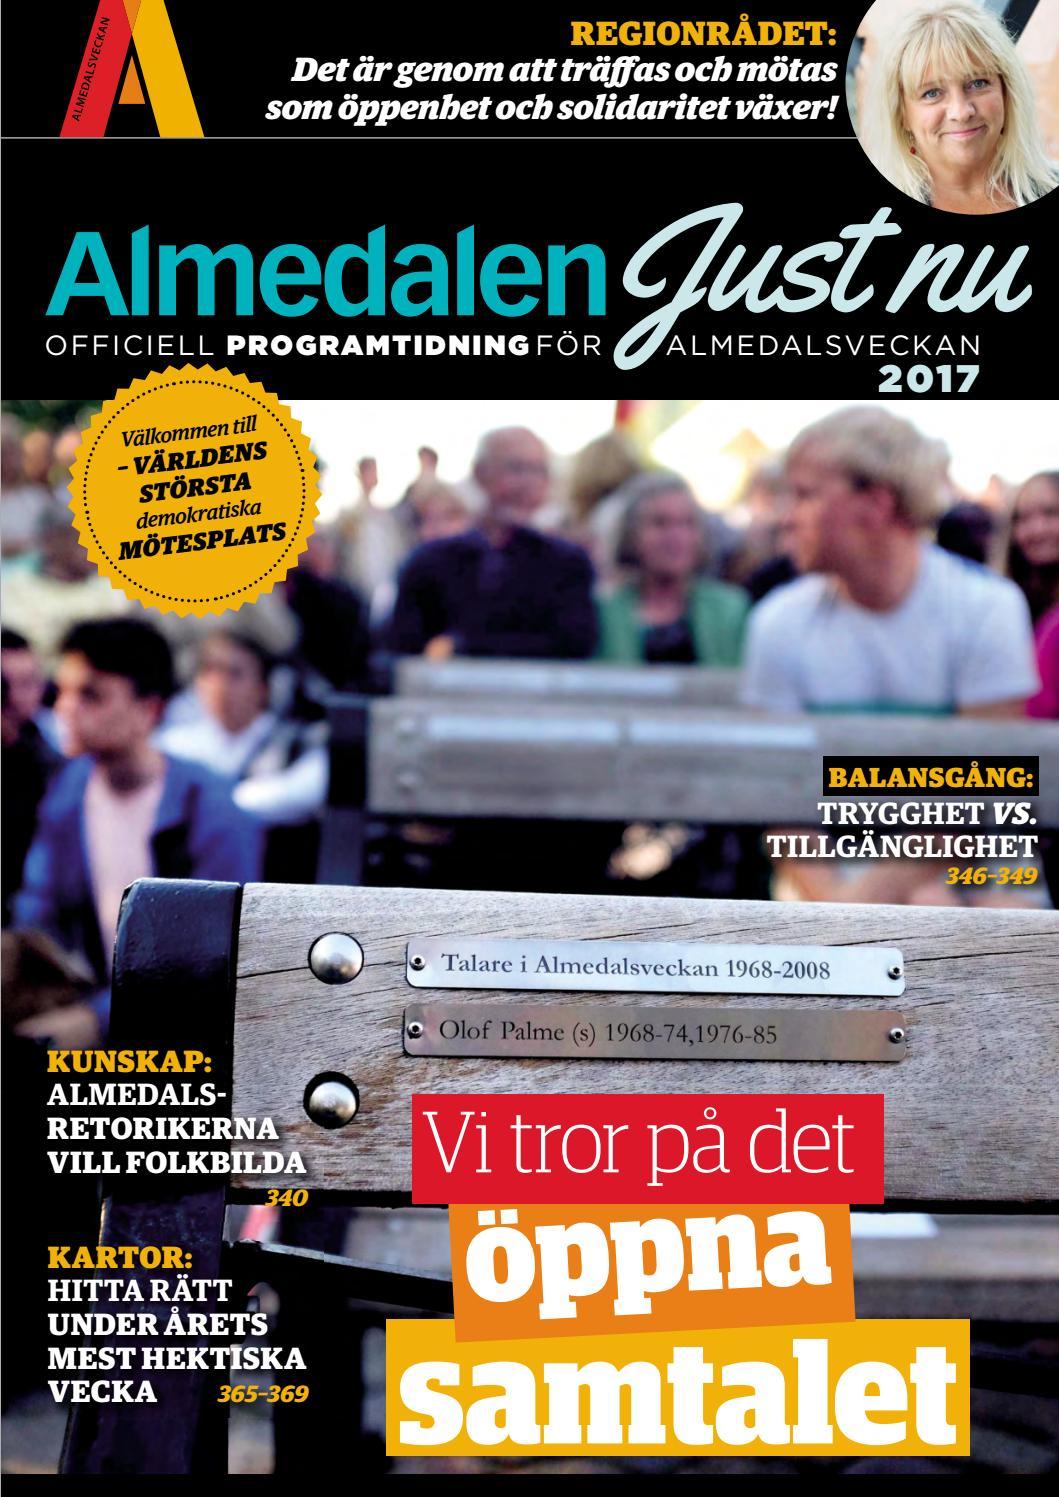 Almedalen2017 by NTM Digital Produktion - issuu 185c80142e2f6